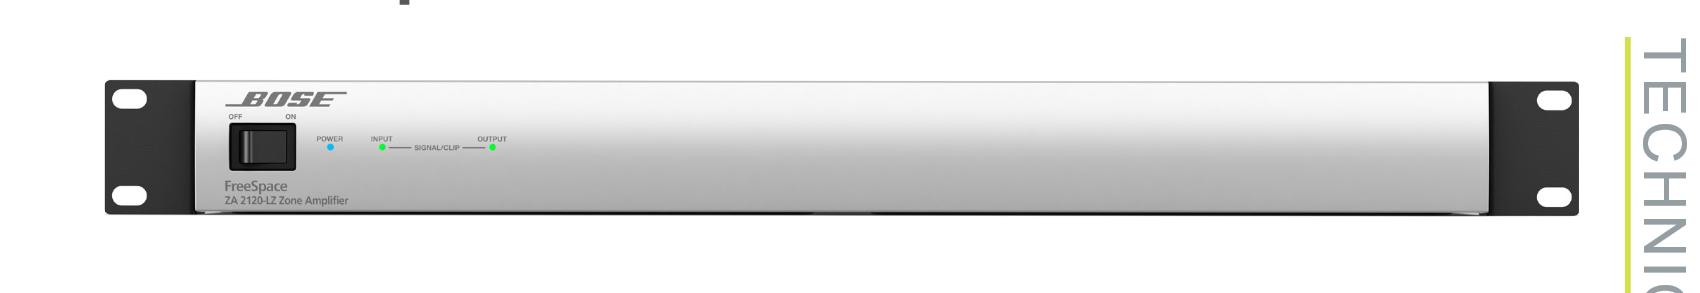 Freespace Zone Amplifier, 2x120W, 4/8 Ohm